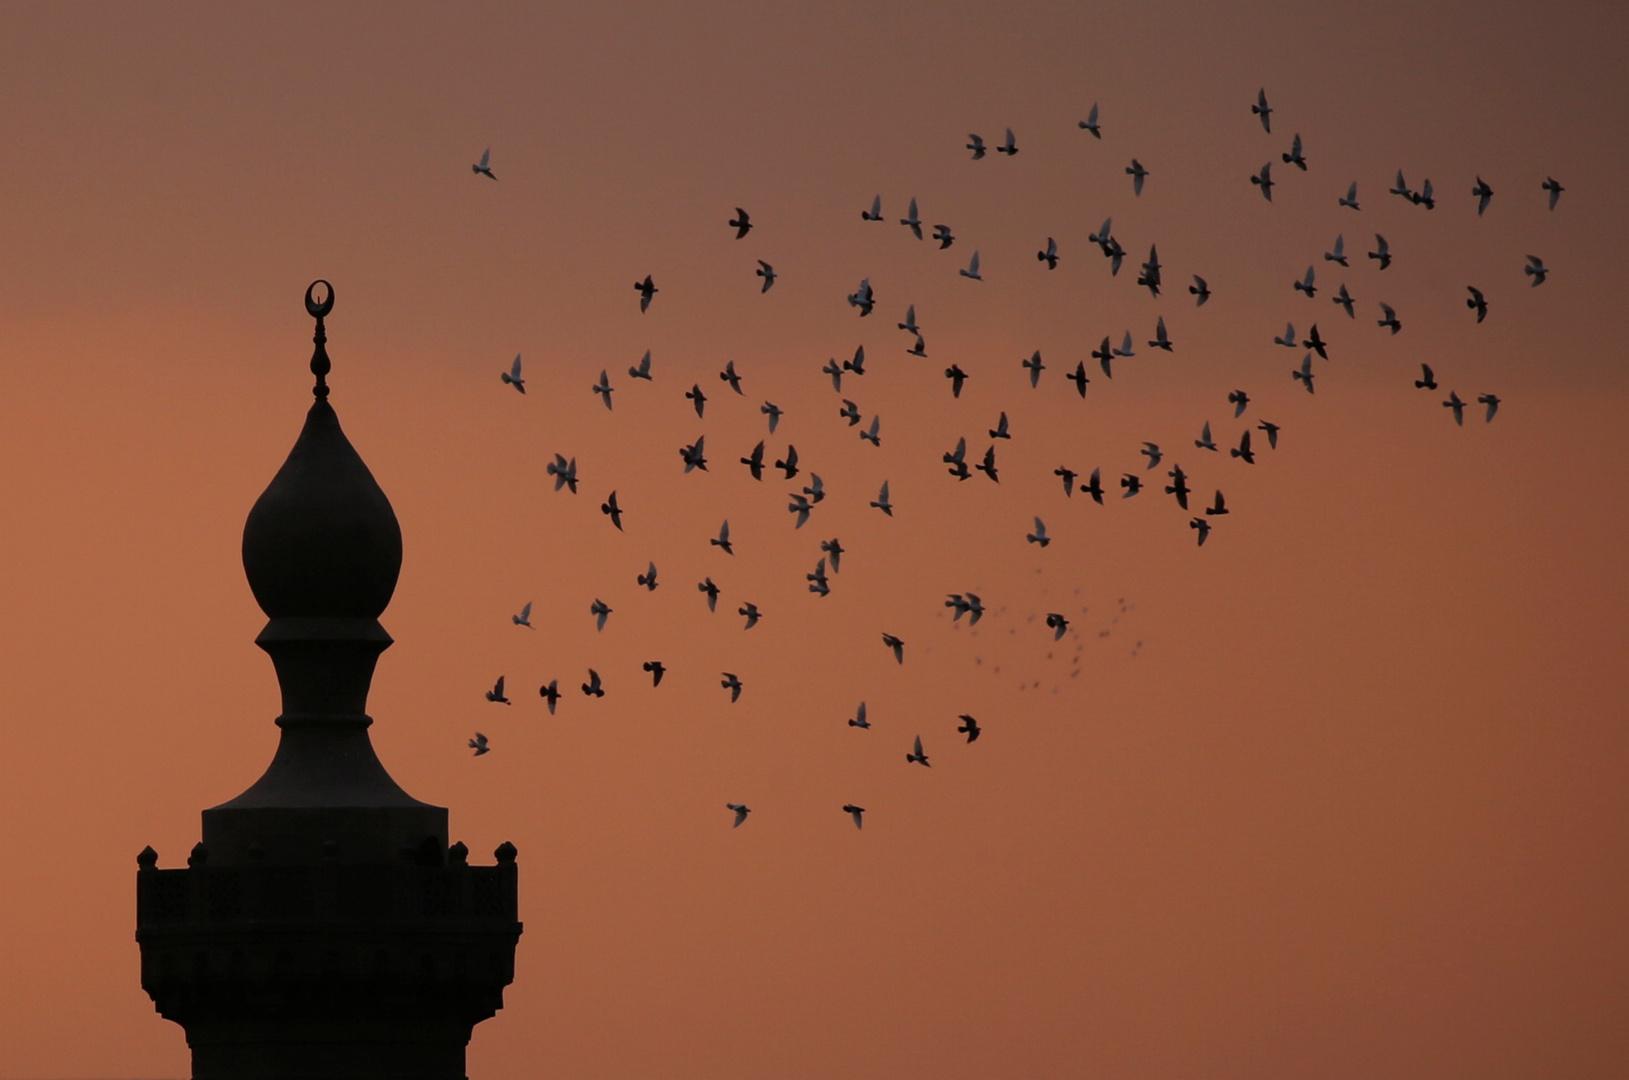 مصر تغلق مسجد الإمام الحسين لأجل غير مسمى وتحيل جميع الأئمة والعاملين فيه للتحقيق